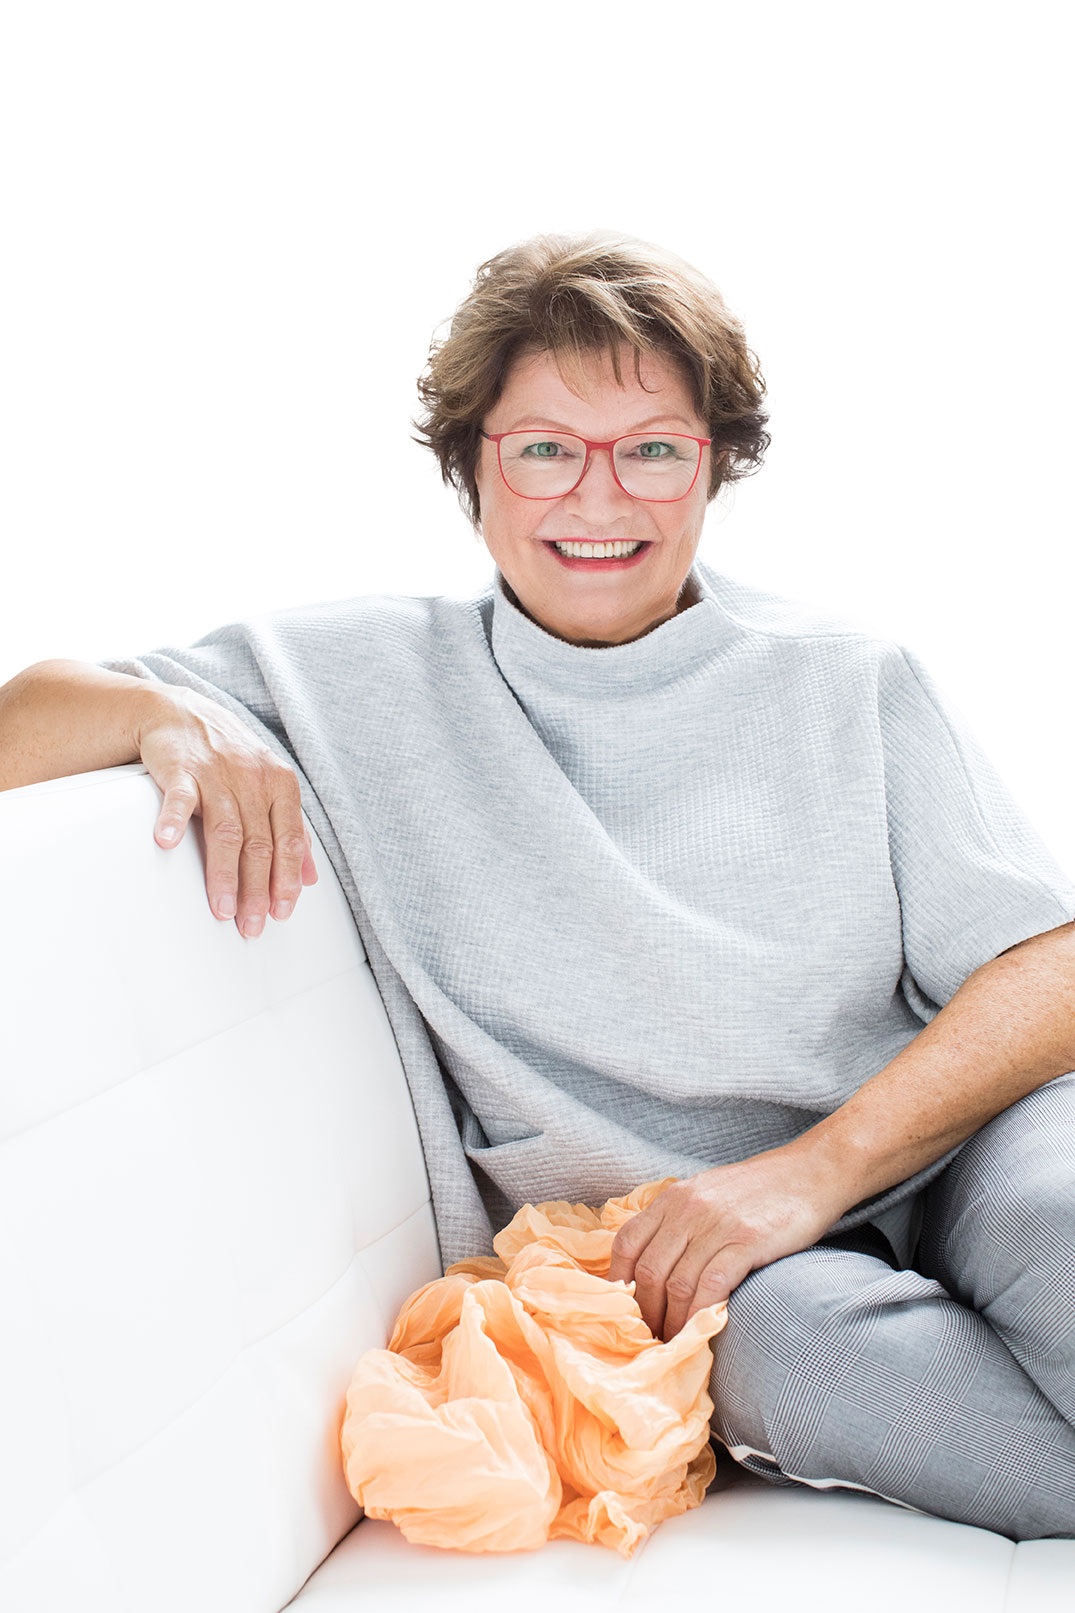 Verena Dummermuth Mentorin für verwitwete Frauen